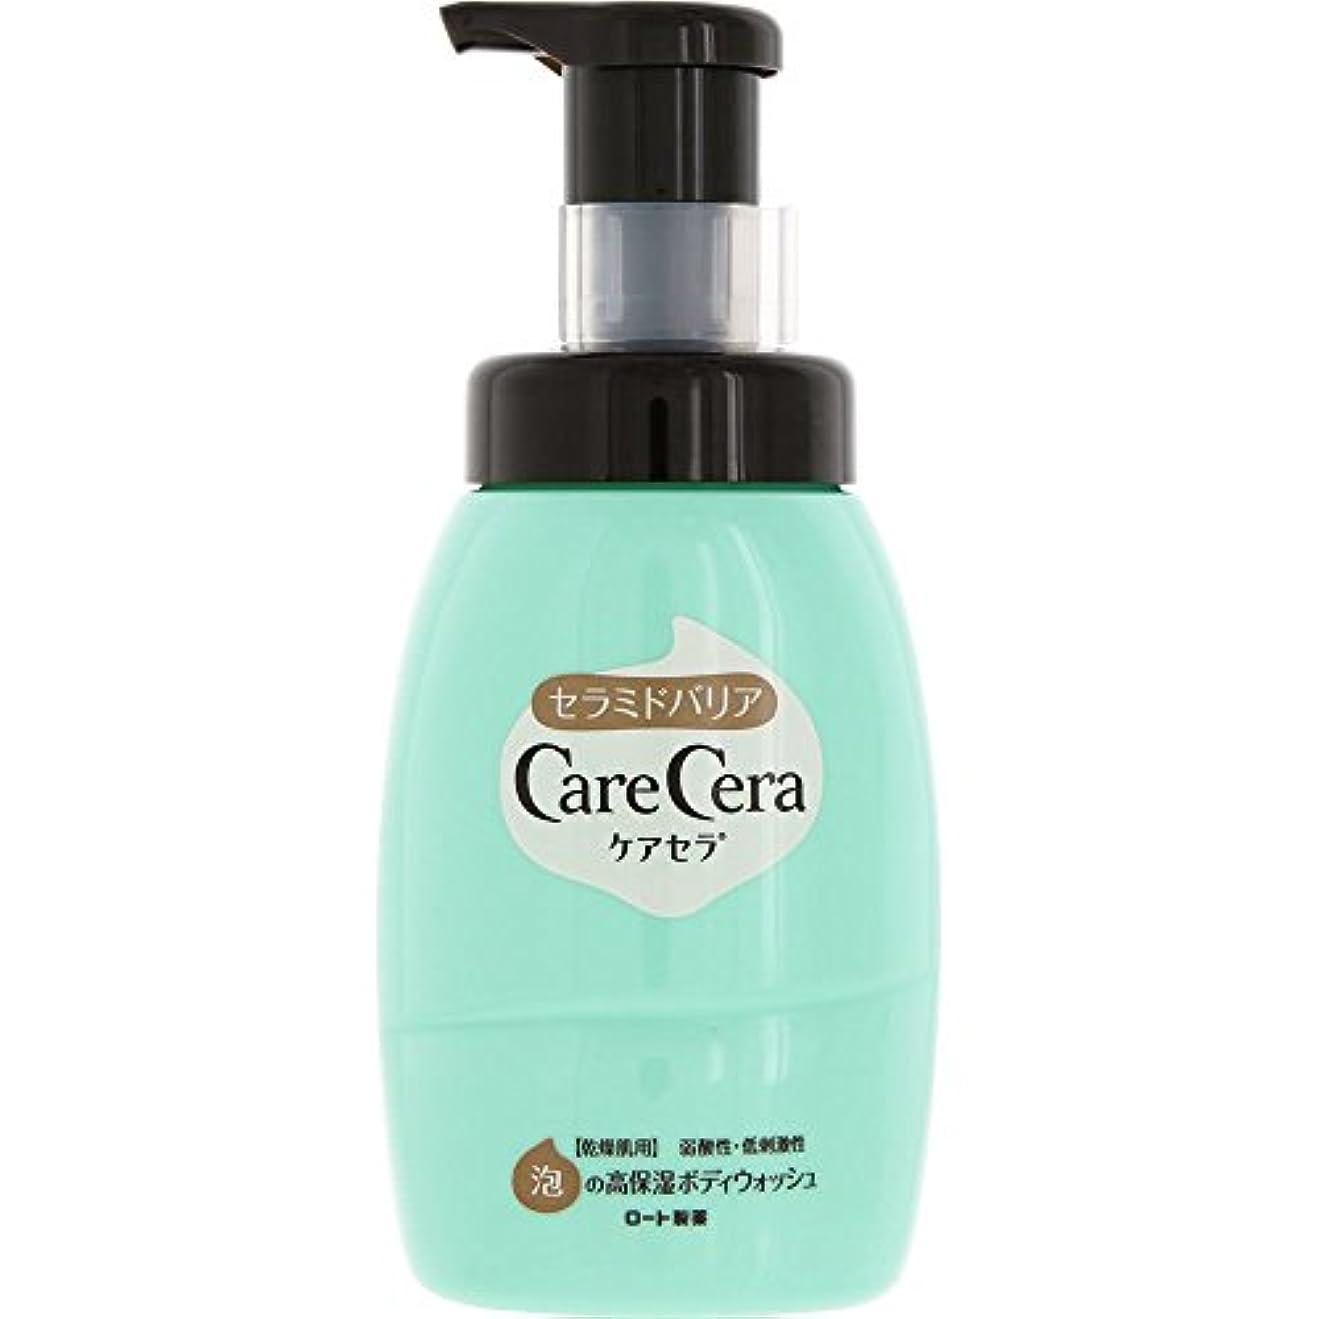 軽くパイントテストケアセラ(CareCera) ロート製薬 ケアセラ  天然型セラミド7種配合 セラミド濃度10倍泡の高保湿 全身ボディウォッシュ ピュアフローラルの香り お試し企画品 300mL